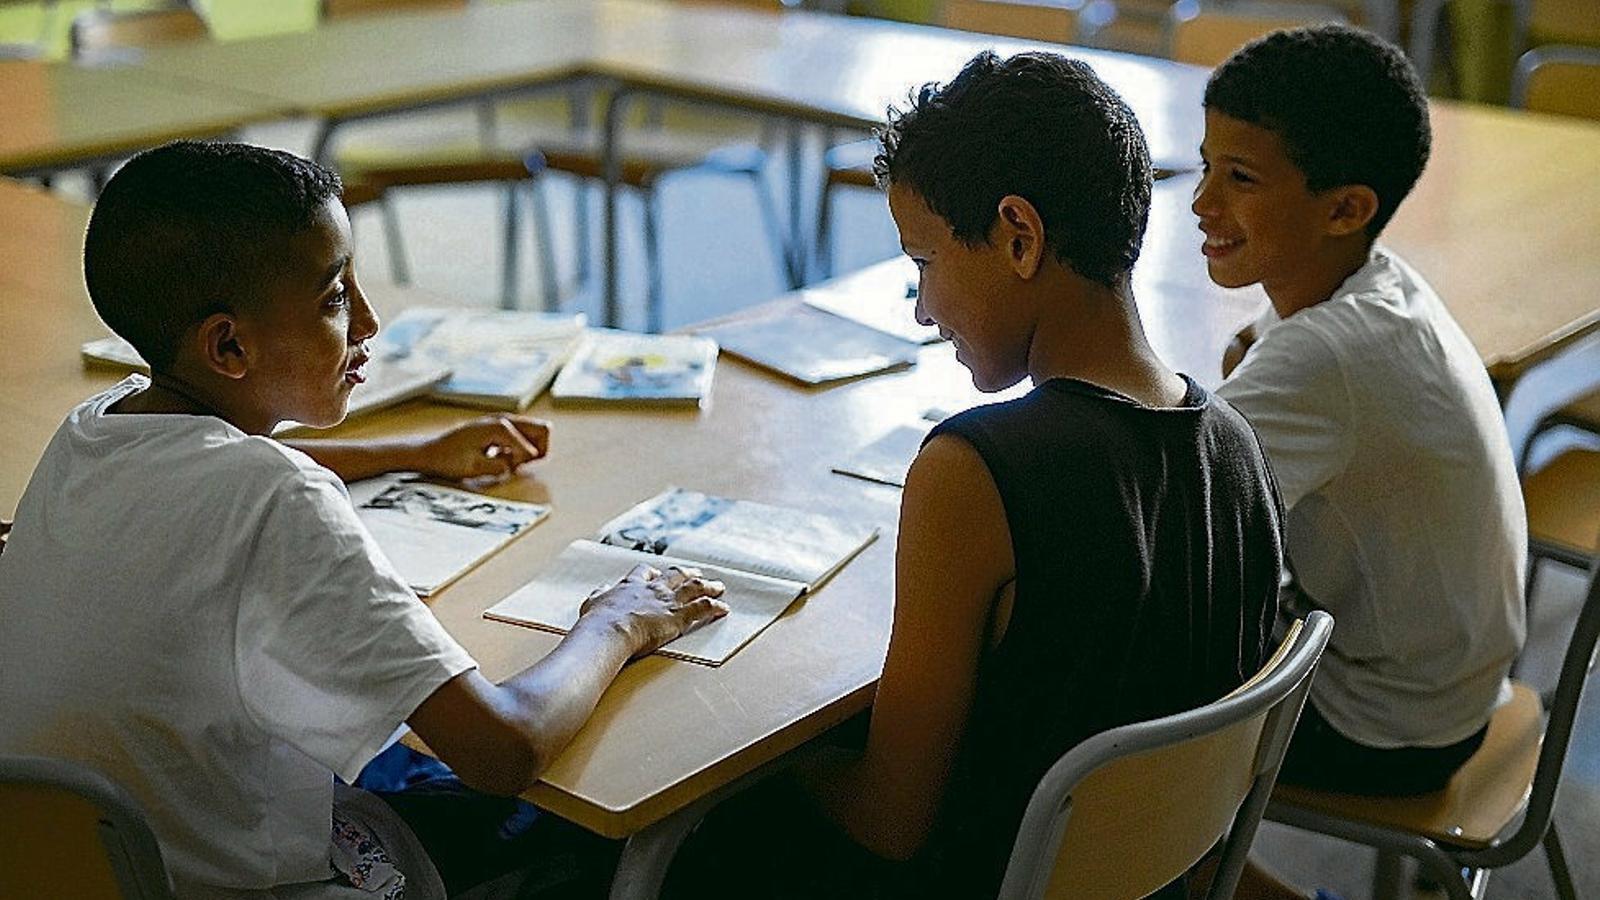 Una institució religiosa triarà els professors, com en el cas del catolicisme